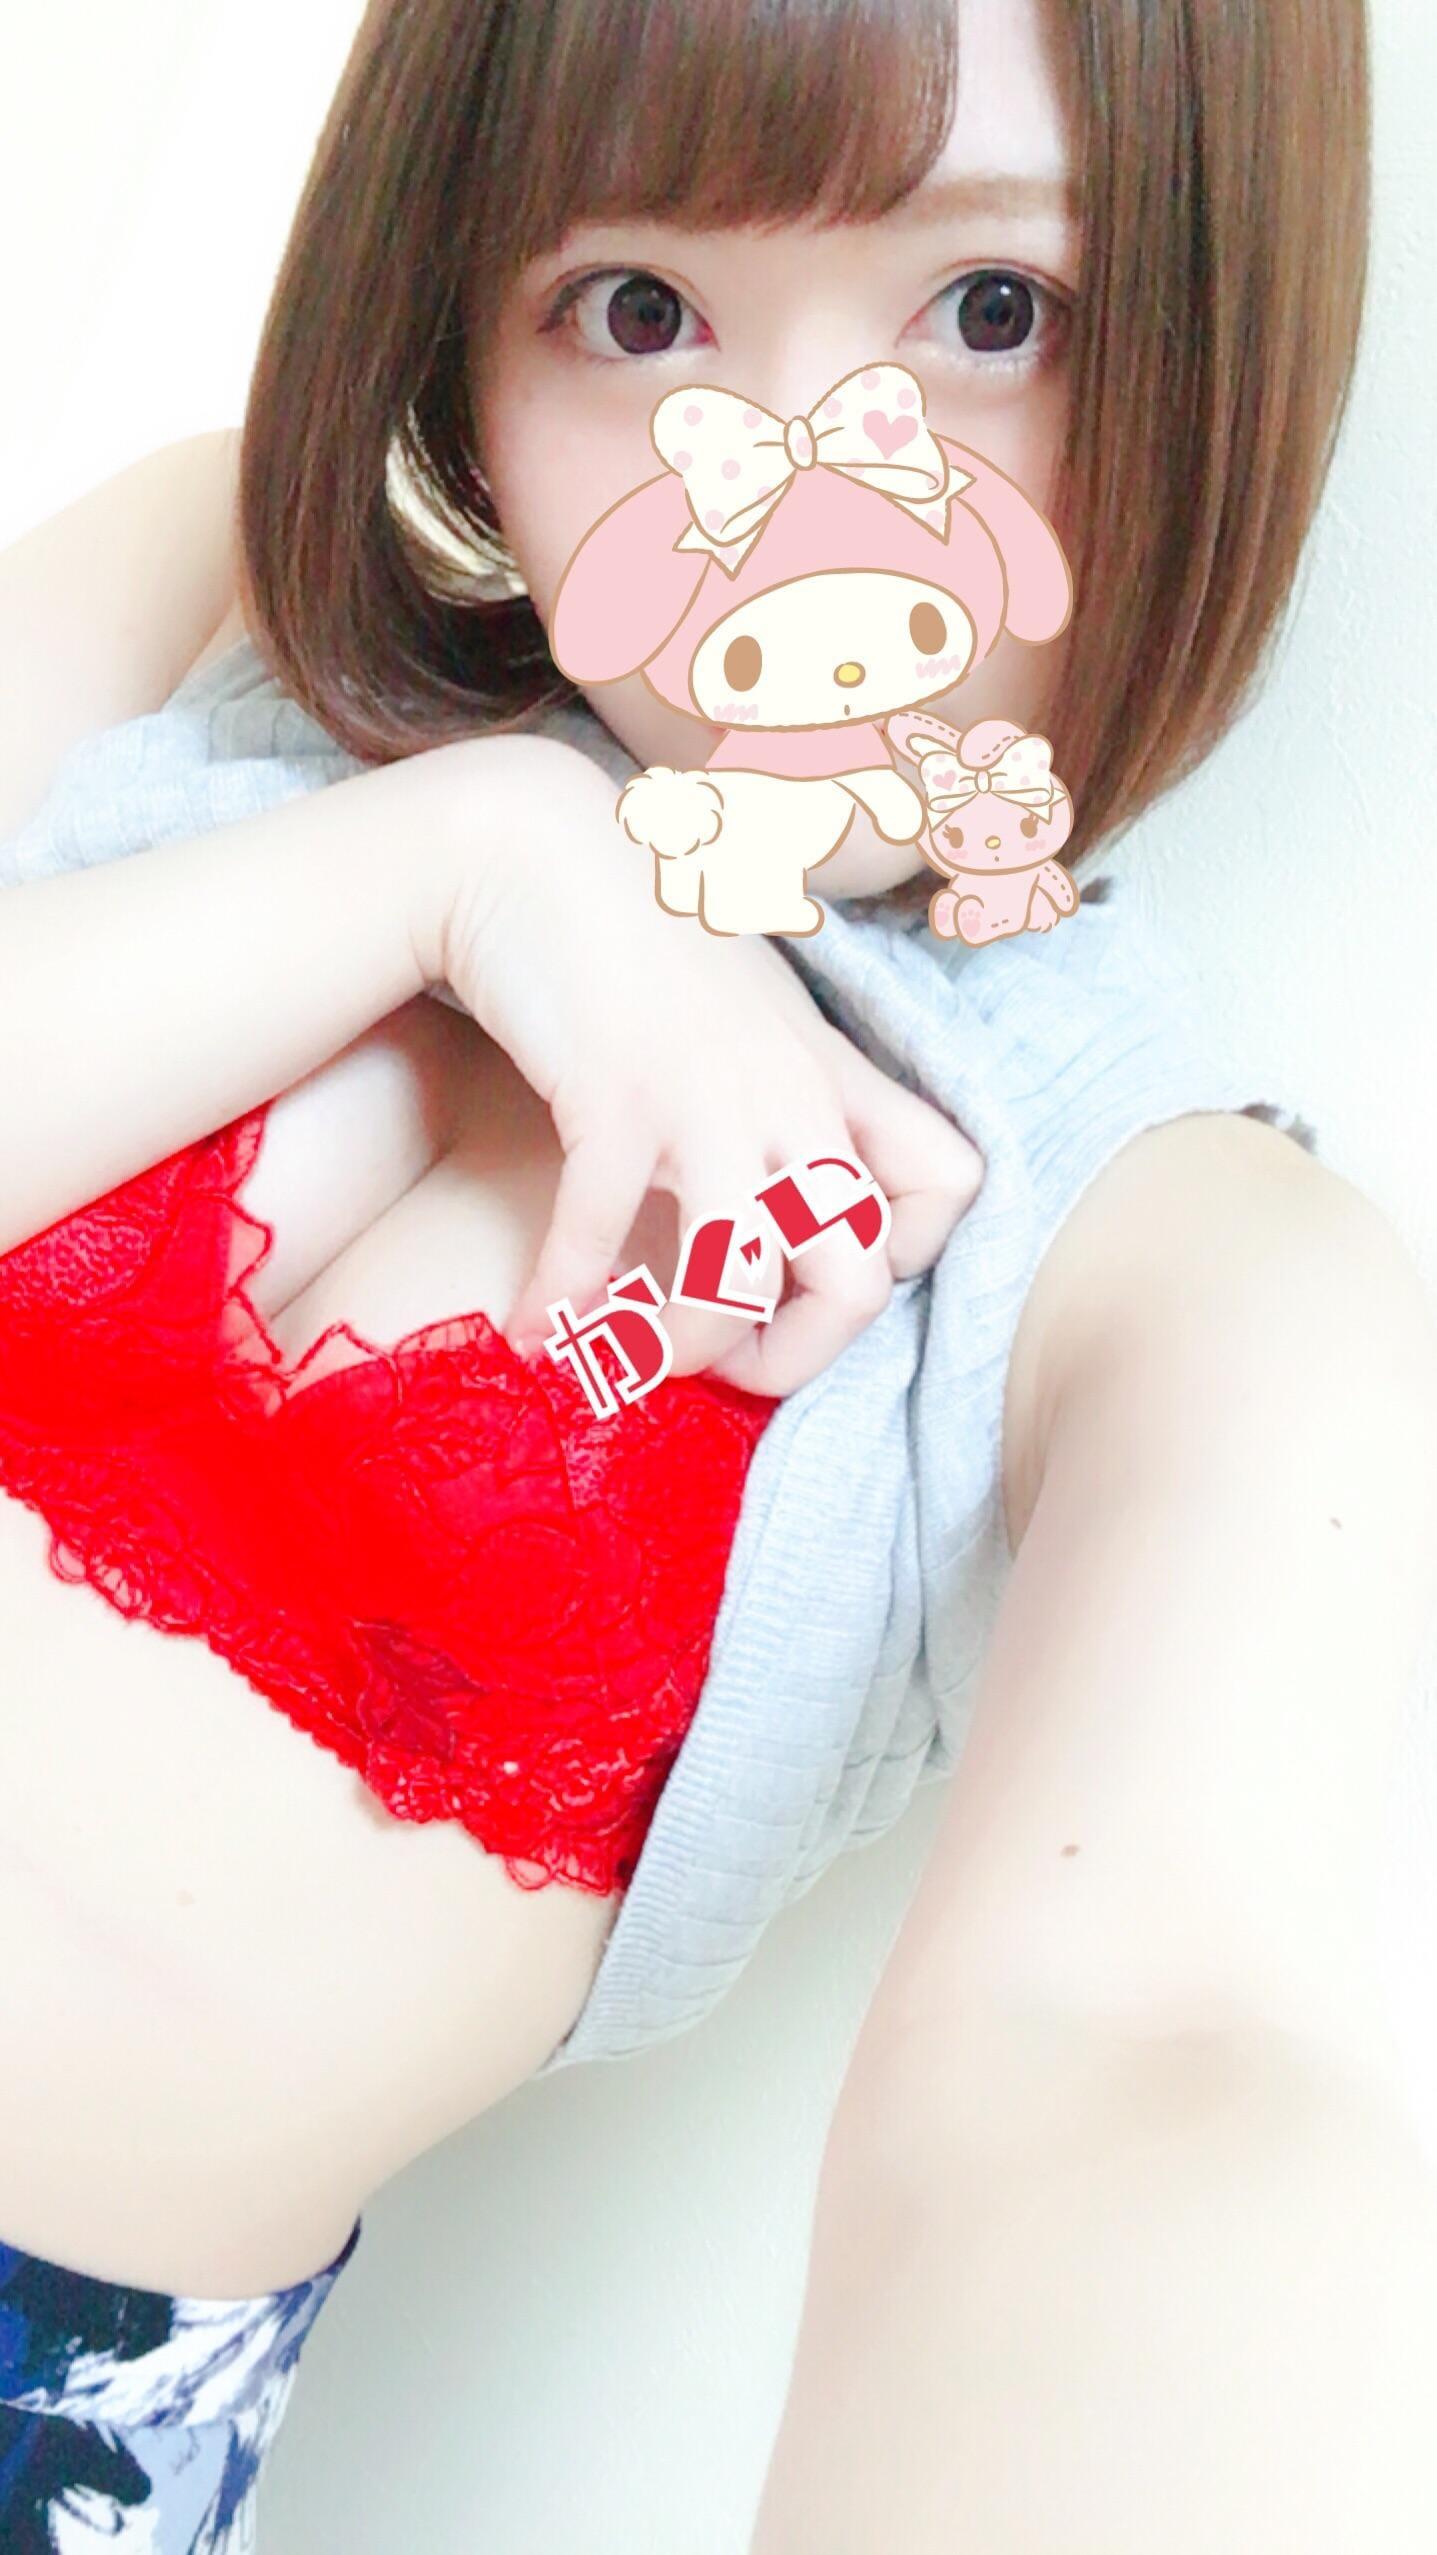 「おれいとたいき!」05/26(05/26) 01:42 | かぐらの写メ・風俗動画